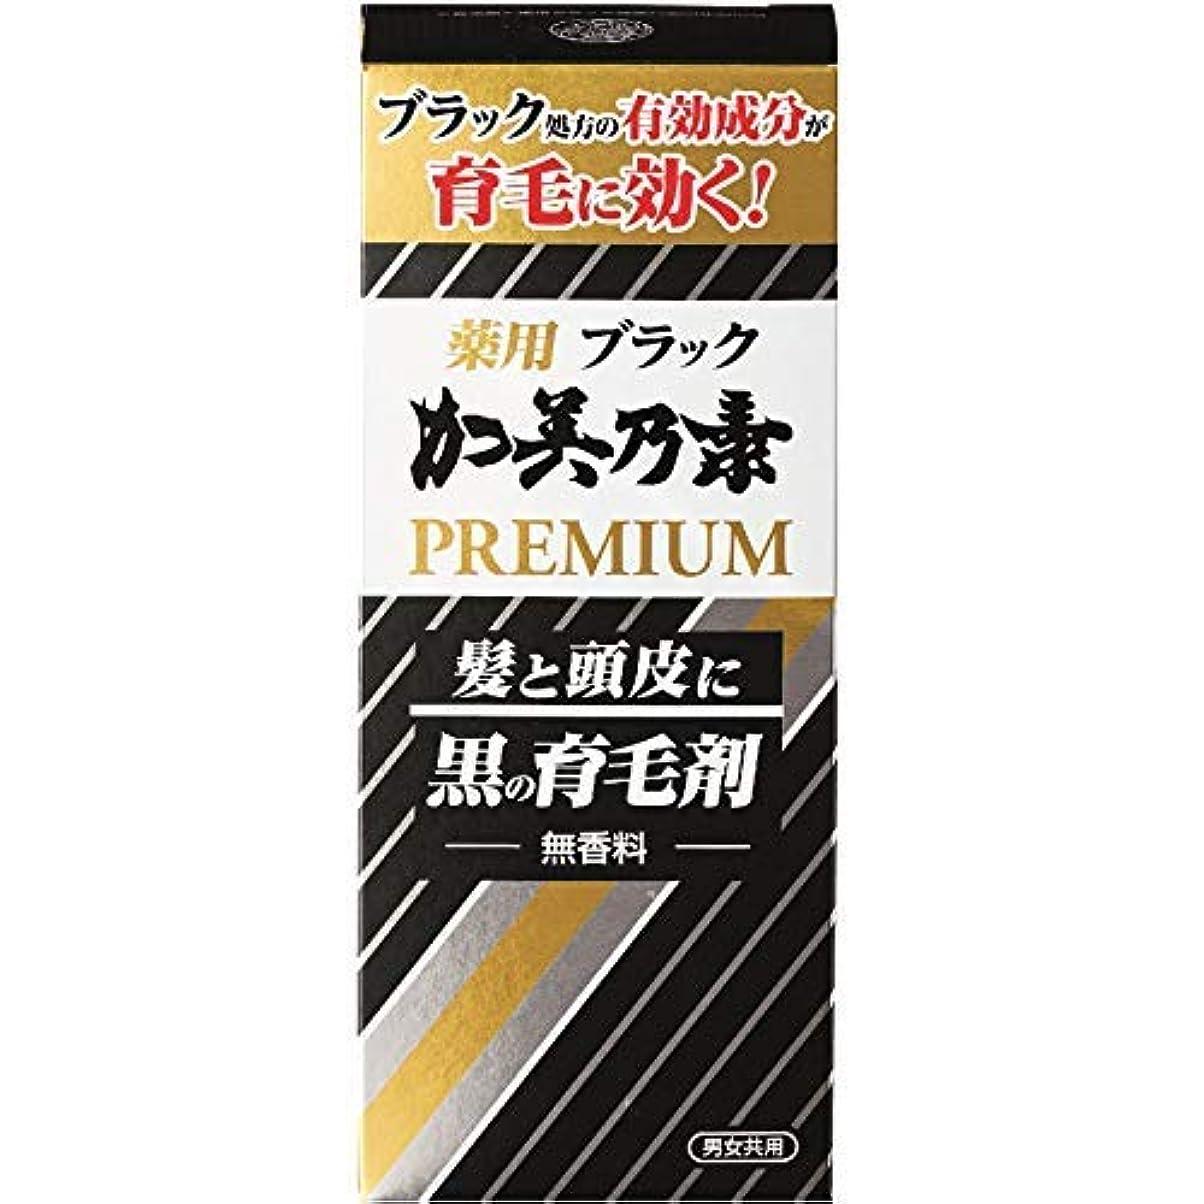 ロマンスディレクトリ変色するブラック加美乃素 プレミアム × 6個セット